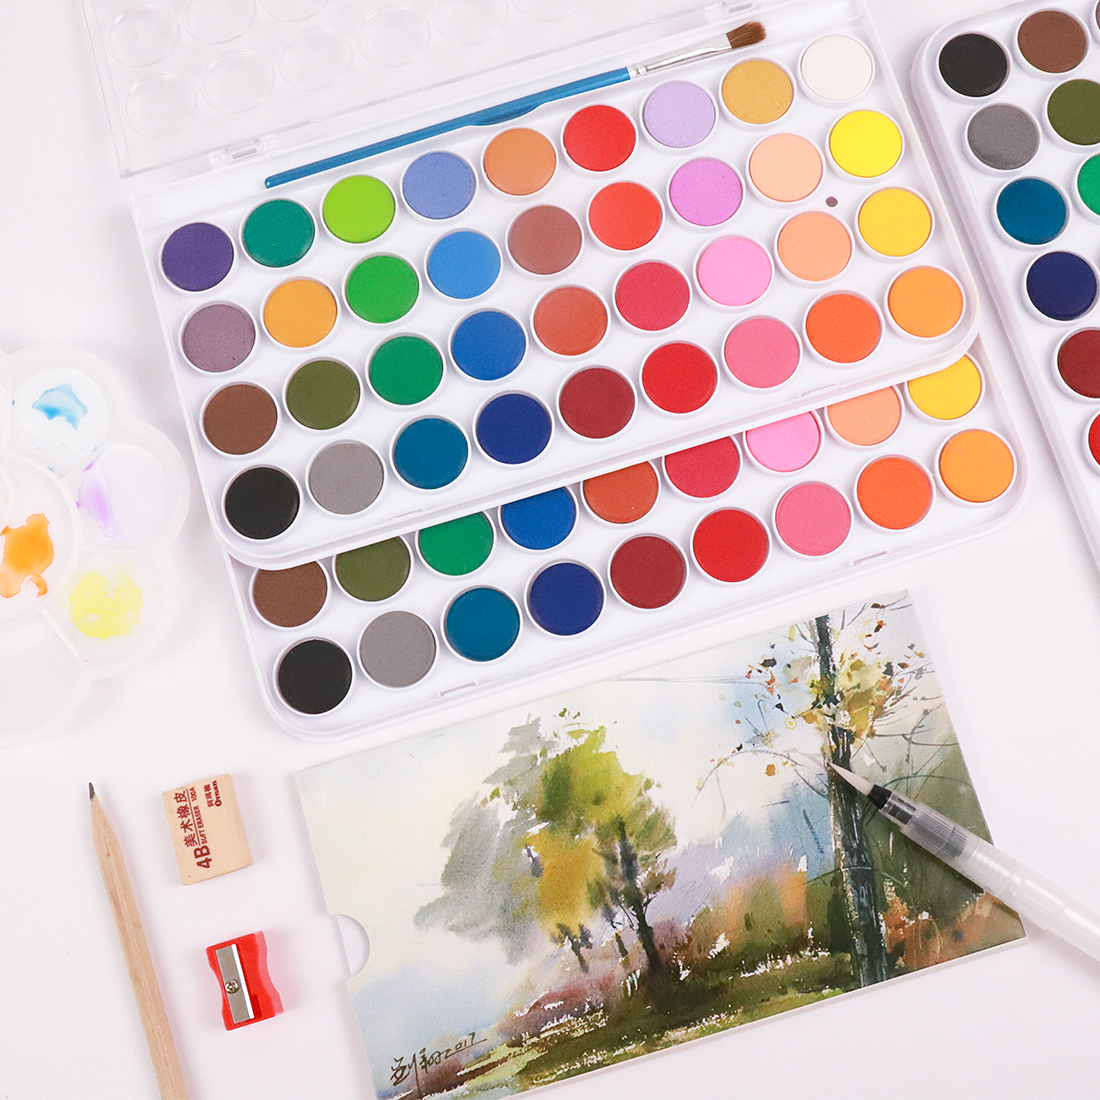 Набор профессиональных акварельных красок для рисования, набор из 36 цветов, кисти и бумага в подарок